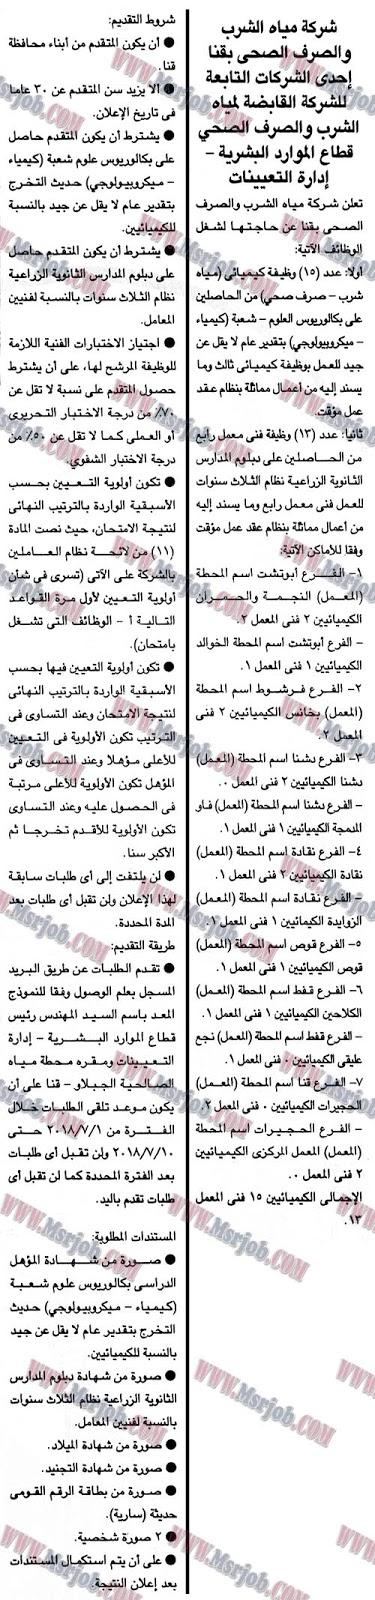 وظائف شركة مياه الشرب والصرف الصحي بقنا تطلب مؤهل عالي ودبلومات 26 / 6 / 2018